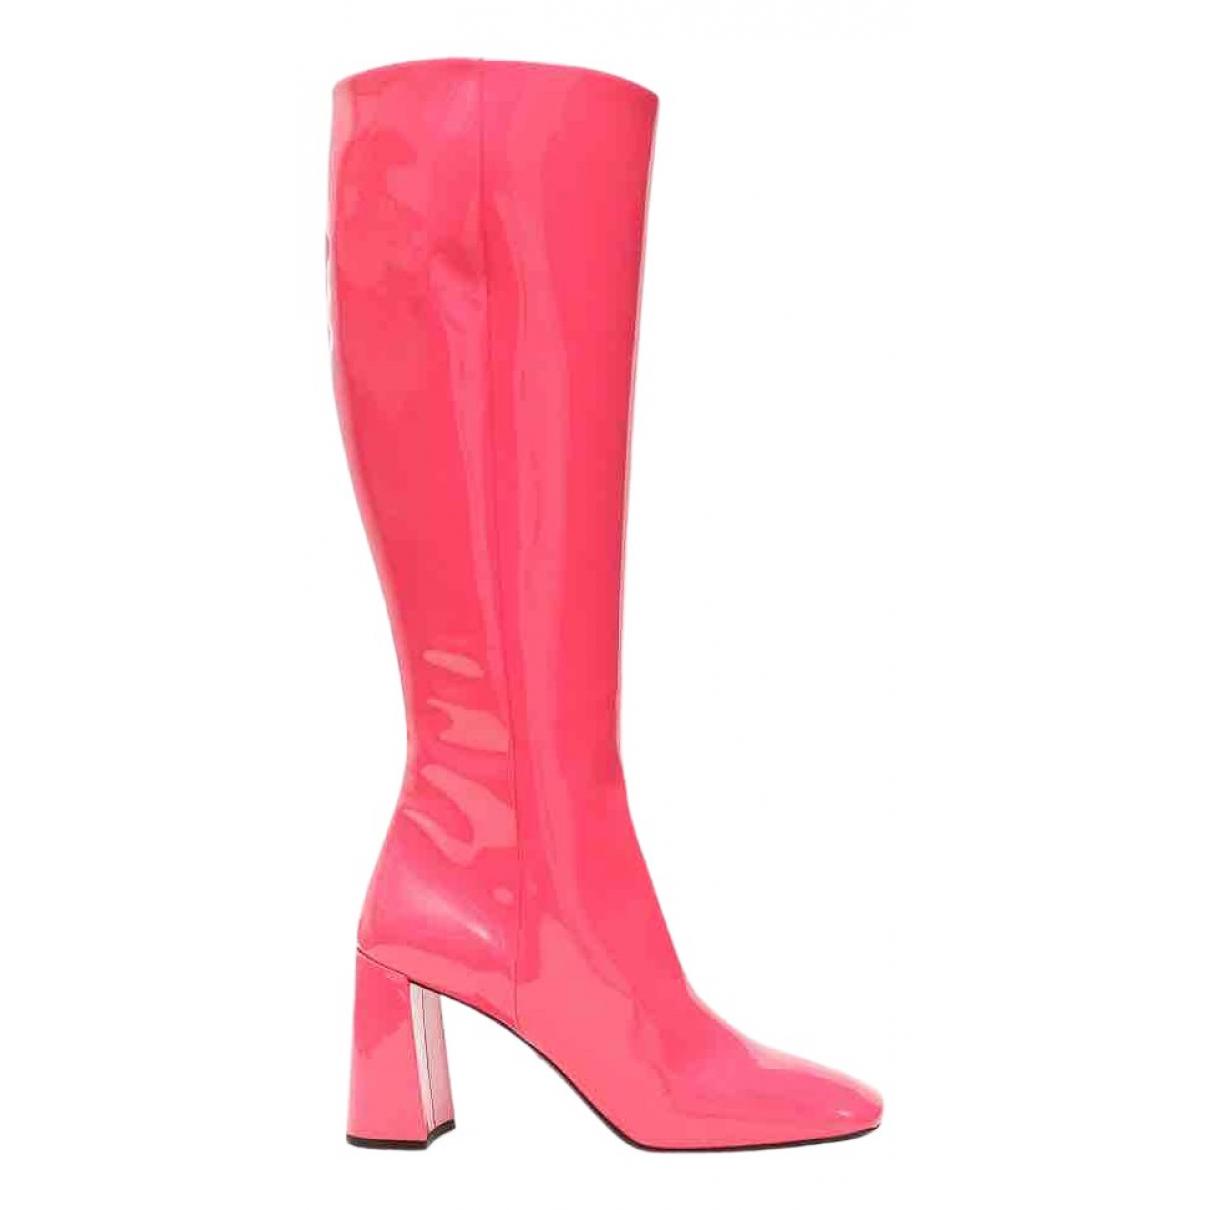 Prada - Bottes   pour femme en cuir verni - rose